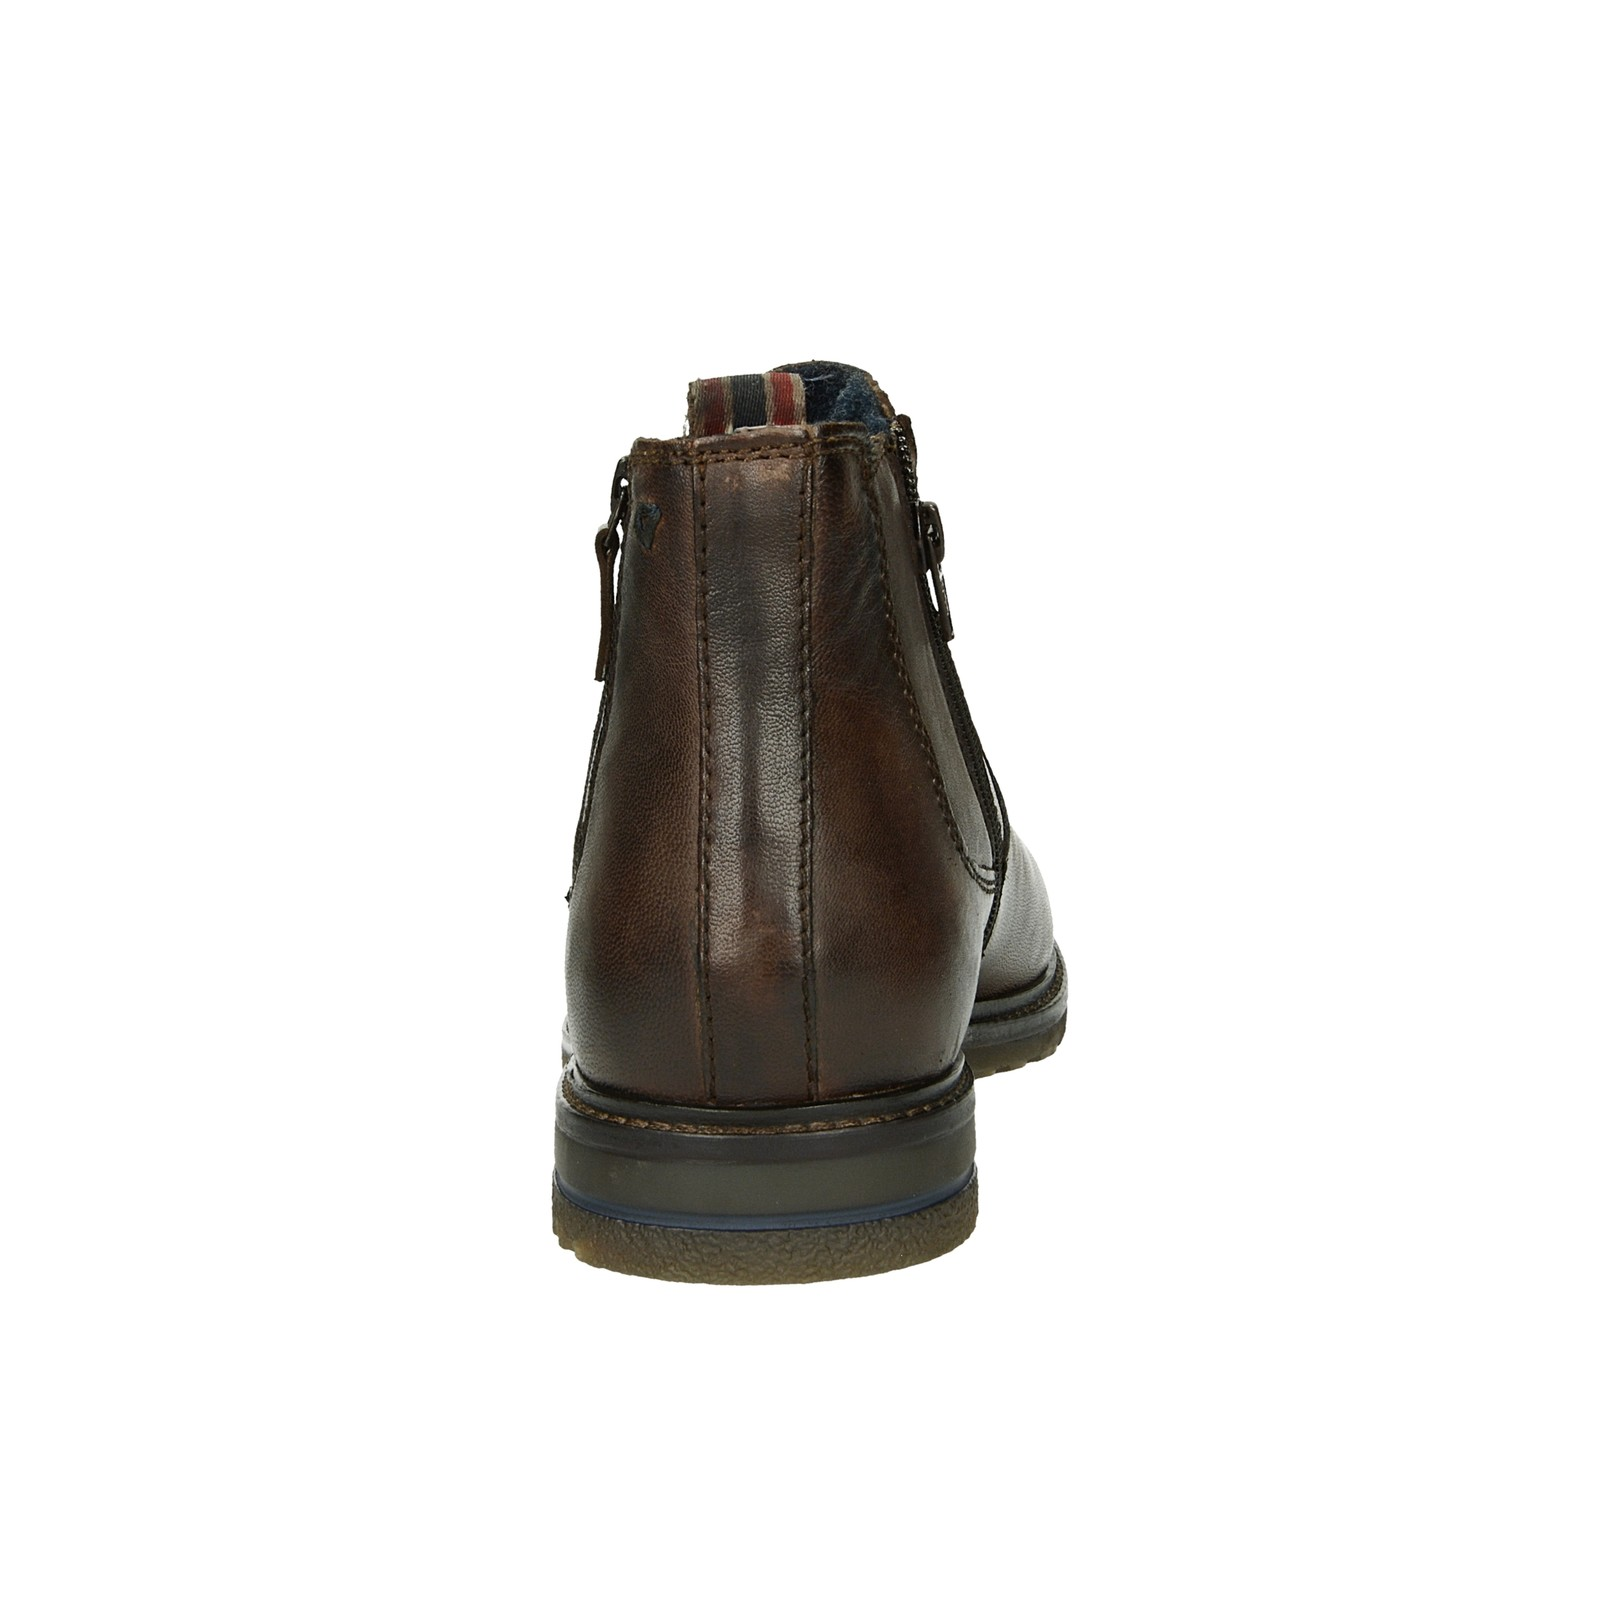 0f64ff9046f06 Bugatti pánska štýlová kožená členková obuv - tmavohnedá | 321-61830 ...